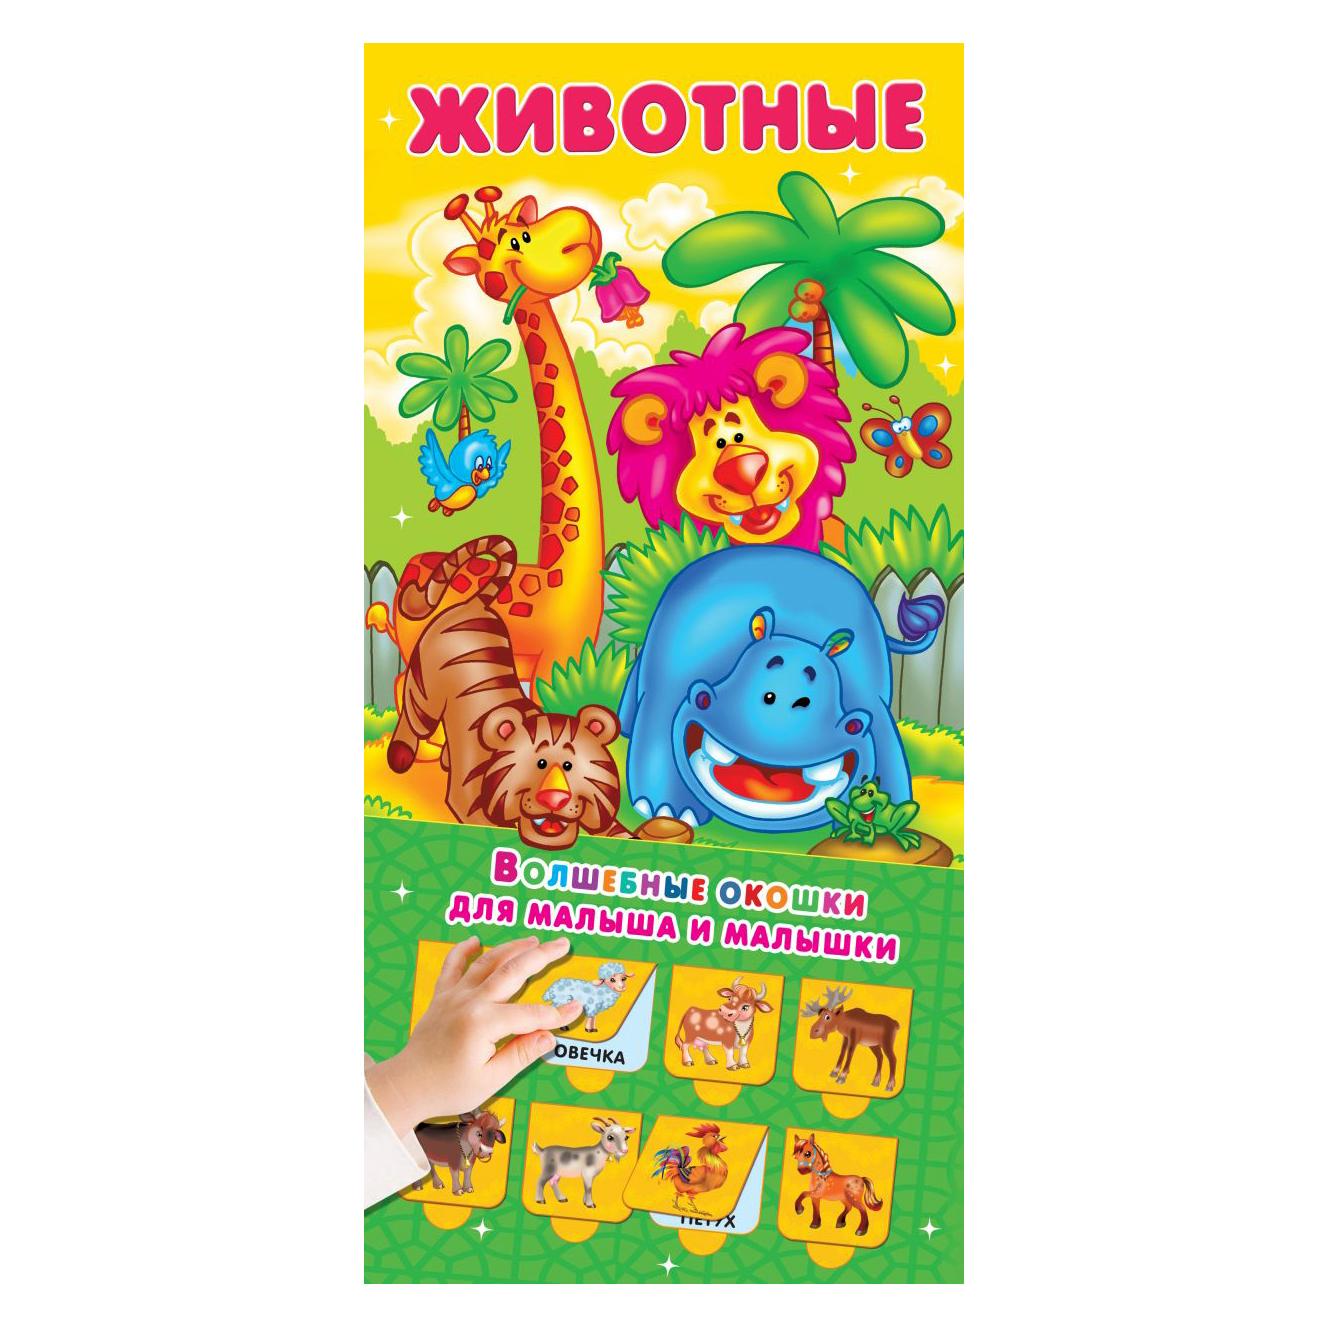 Фото - Книга АСТ Животные 32 окошка аст большая раскраска животные